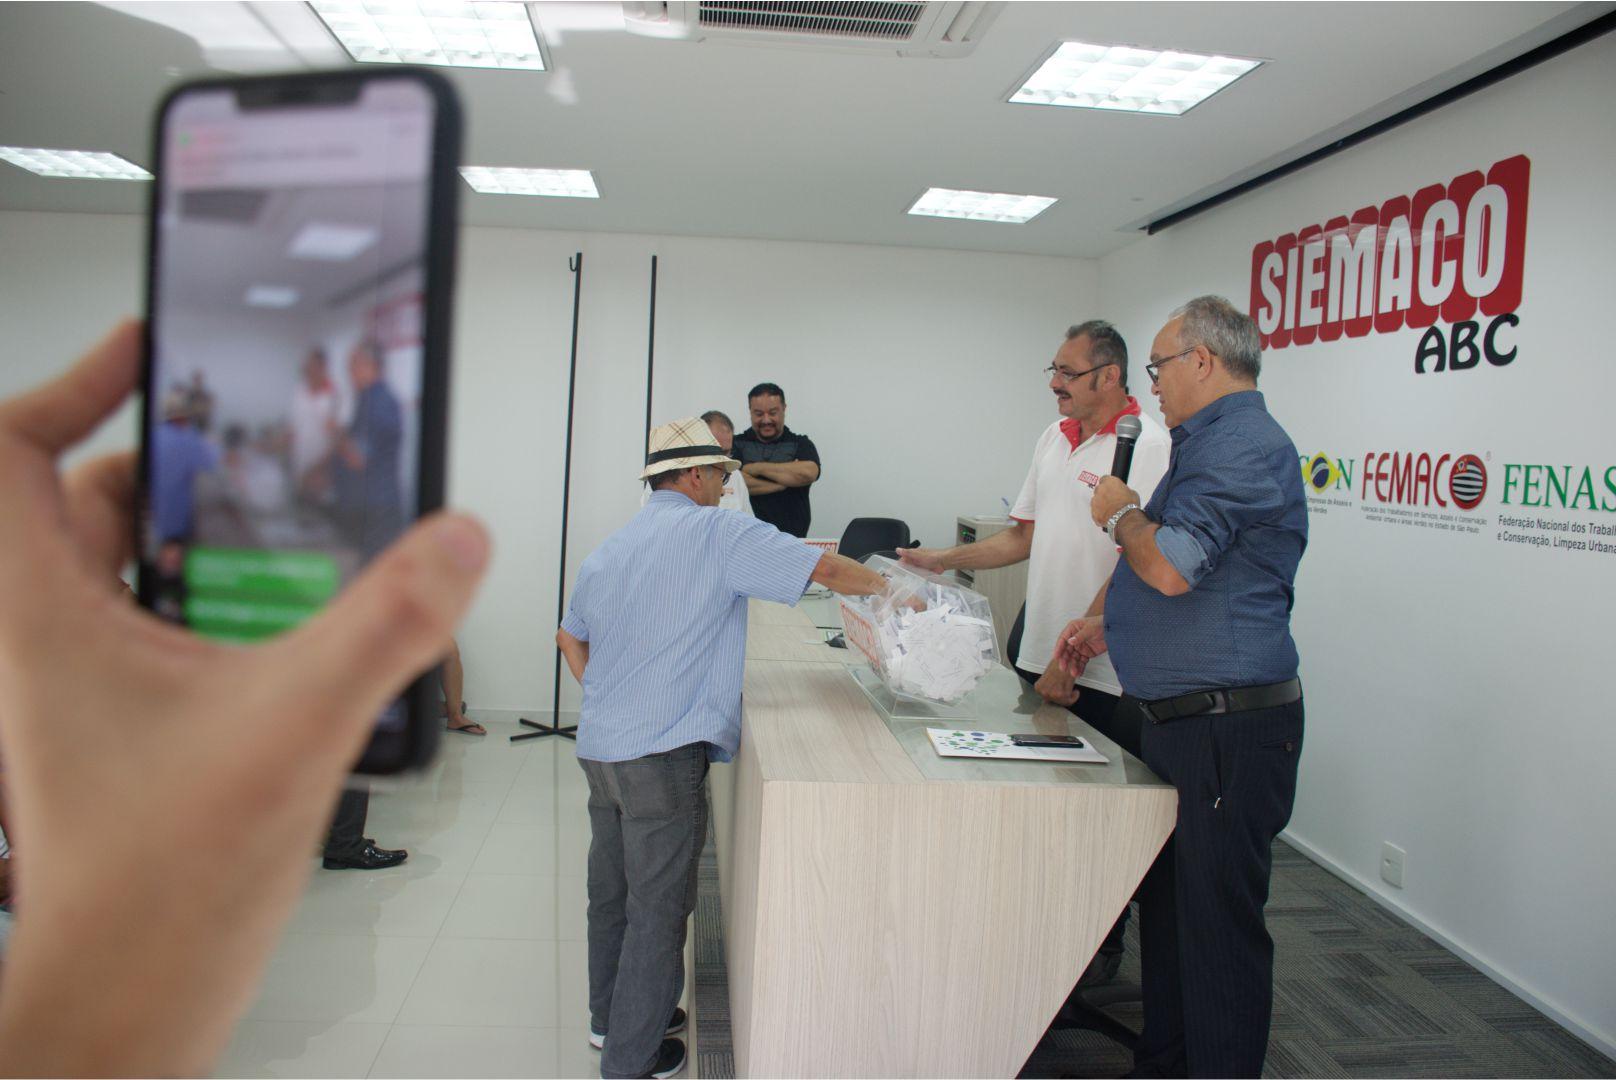 3359e3693a6 Siemaco ABC promove segundo sorteio com transmissão ao vivo pelo Facebook